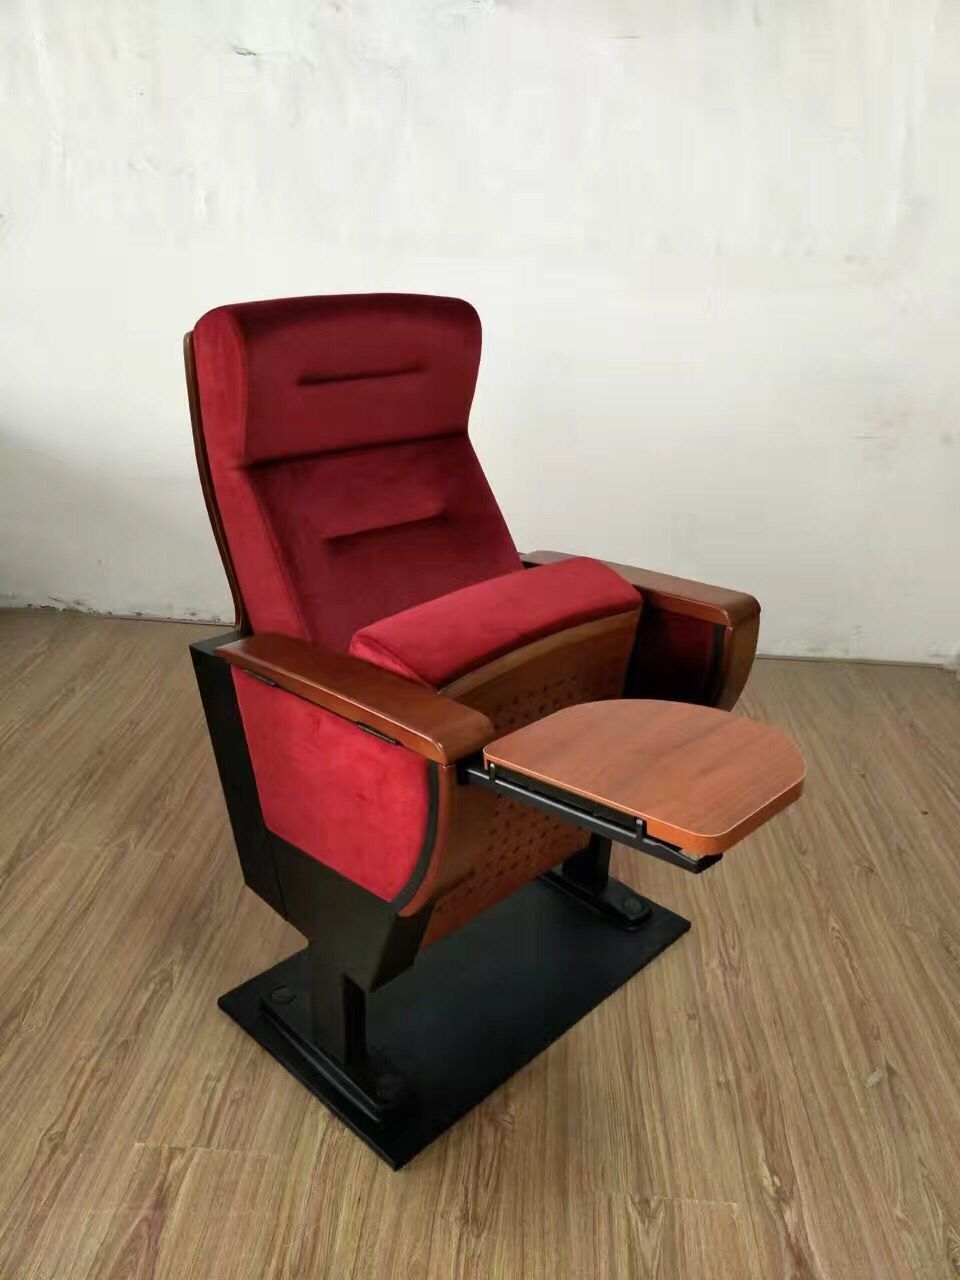 实惠的礼堂椅-怎么买质量硬的礼堂椅呢